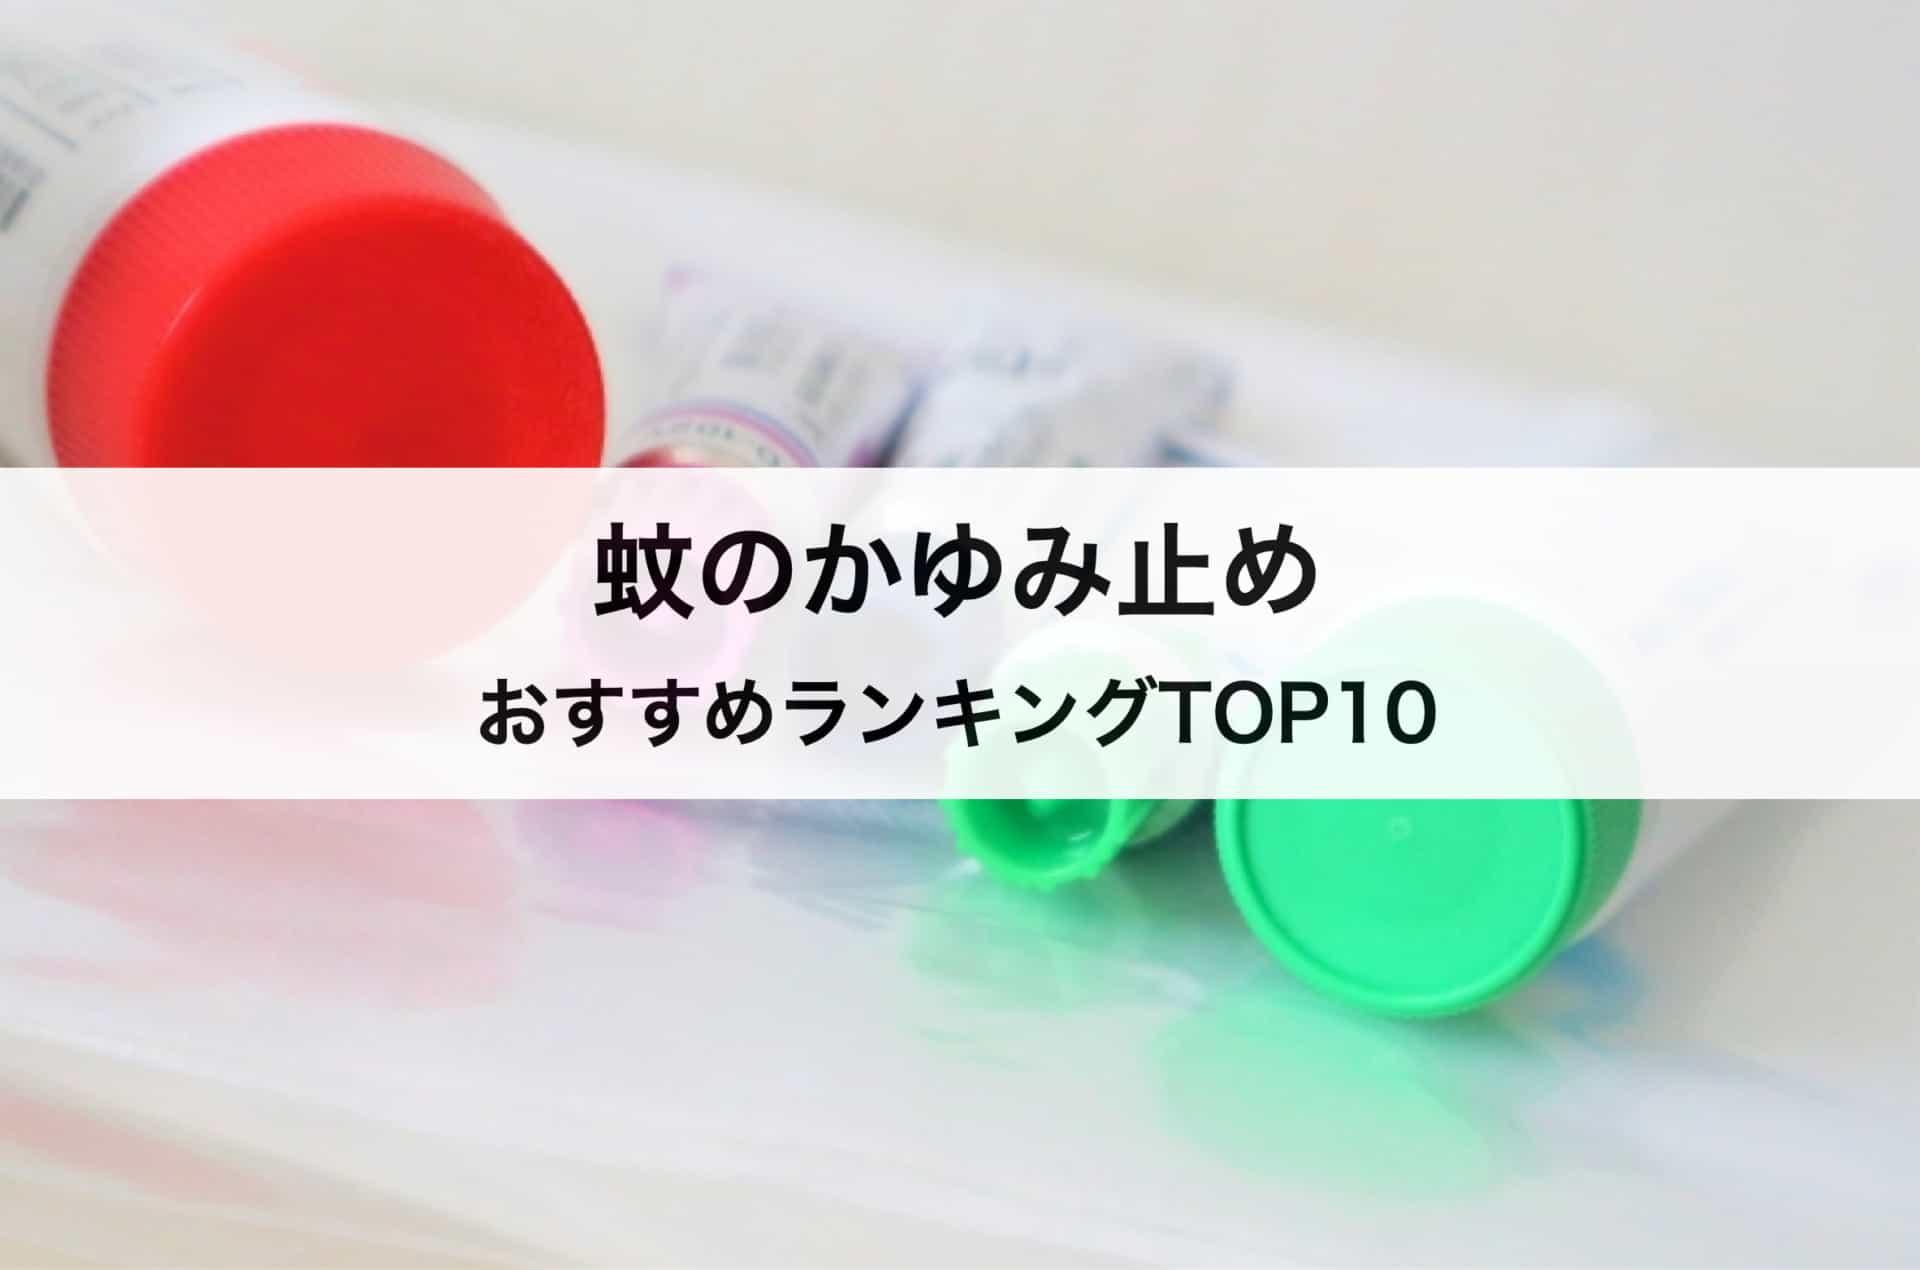 蚊のかゆみ止めおすすめランキングTOP10|かゆみを抑える人気商品を大公開!